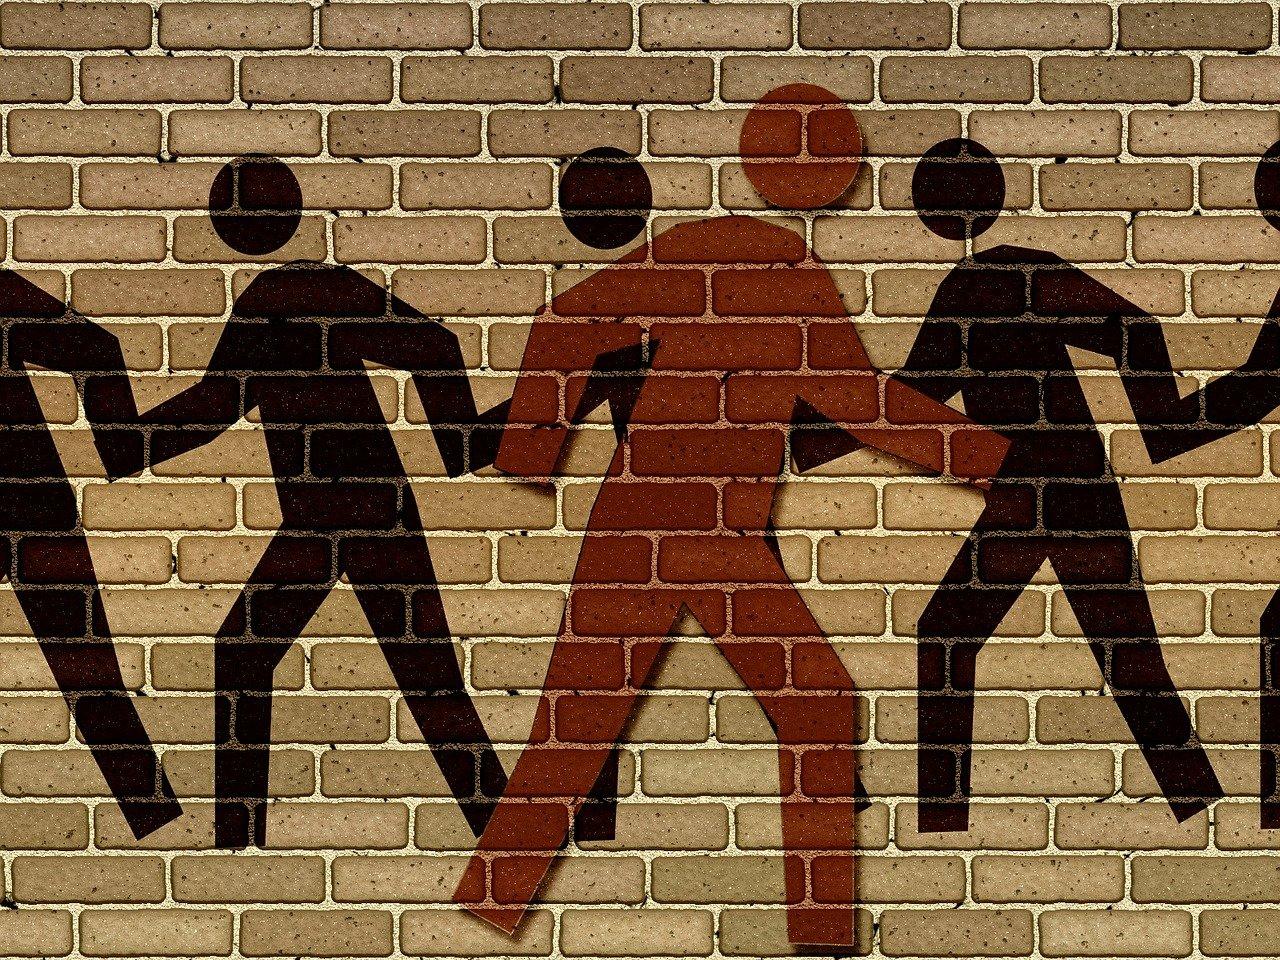 ¿Cómo impacta la inteligencia individual en la colectiva? Depende, todo depende: dudas sobre el Factor C